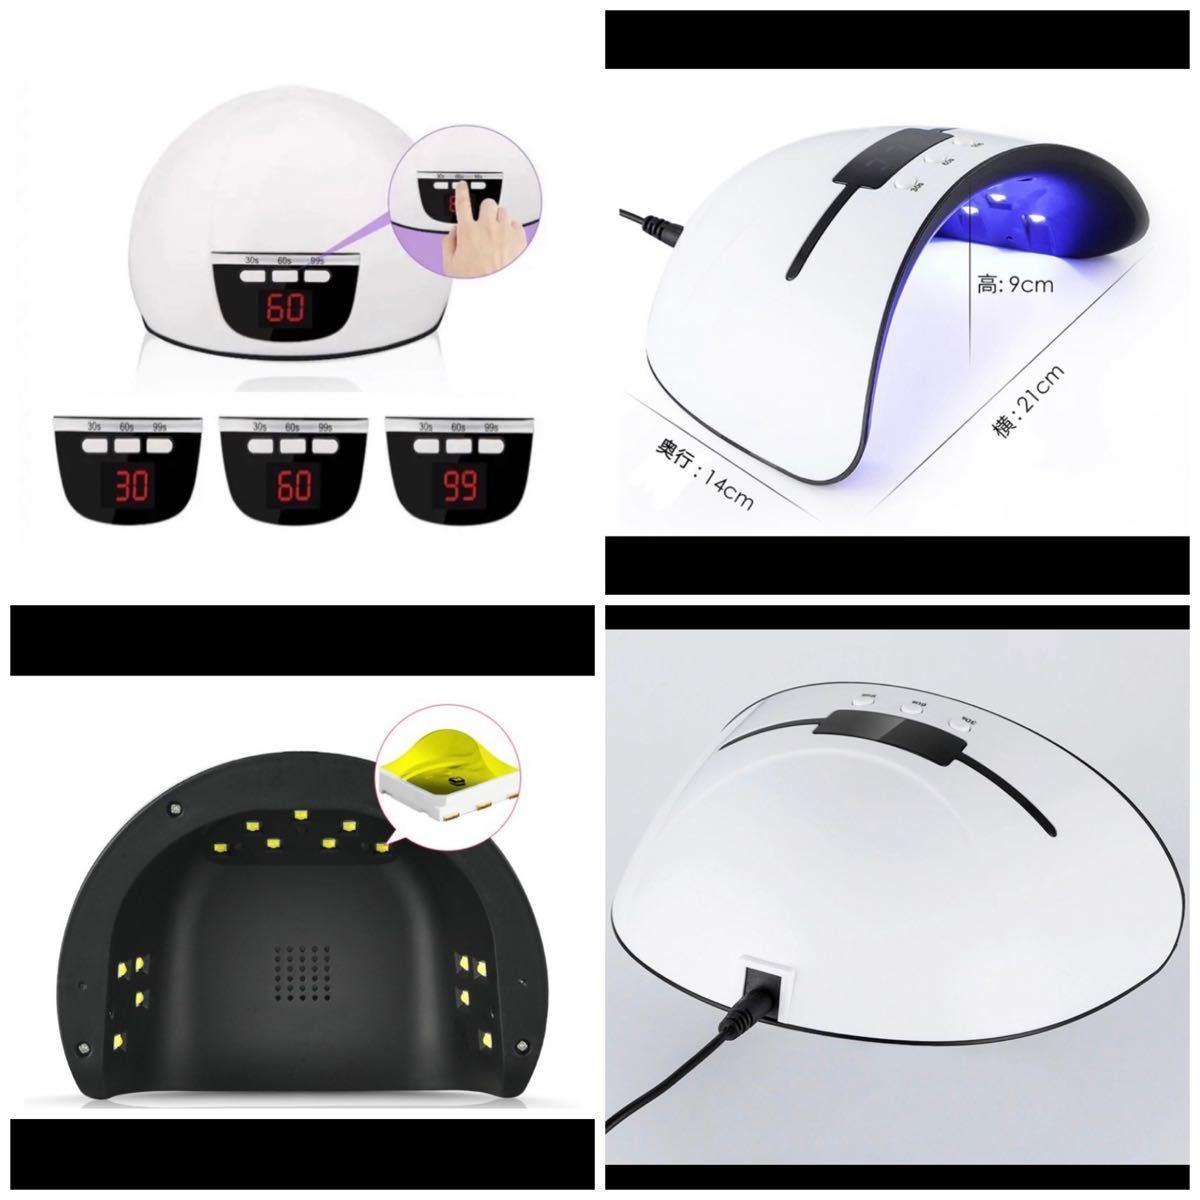 新品【超便利!】UVネイルライト LED 硬化ライト レジン硬化 自動センサー付き タイマー付き